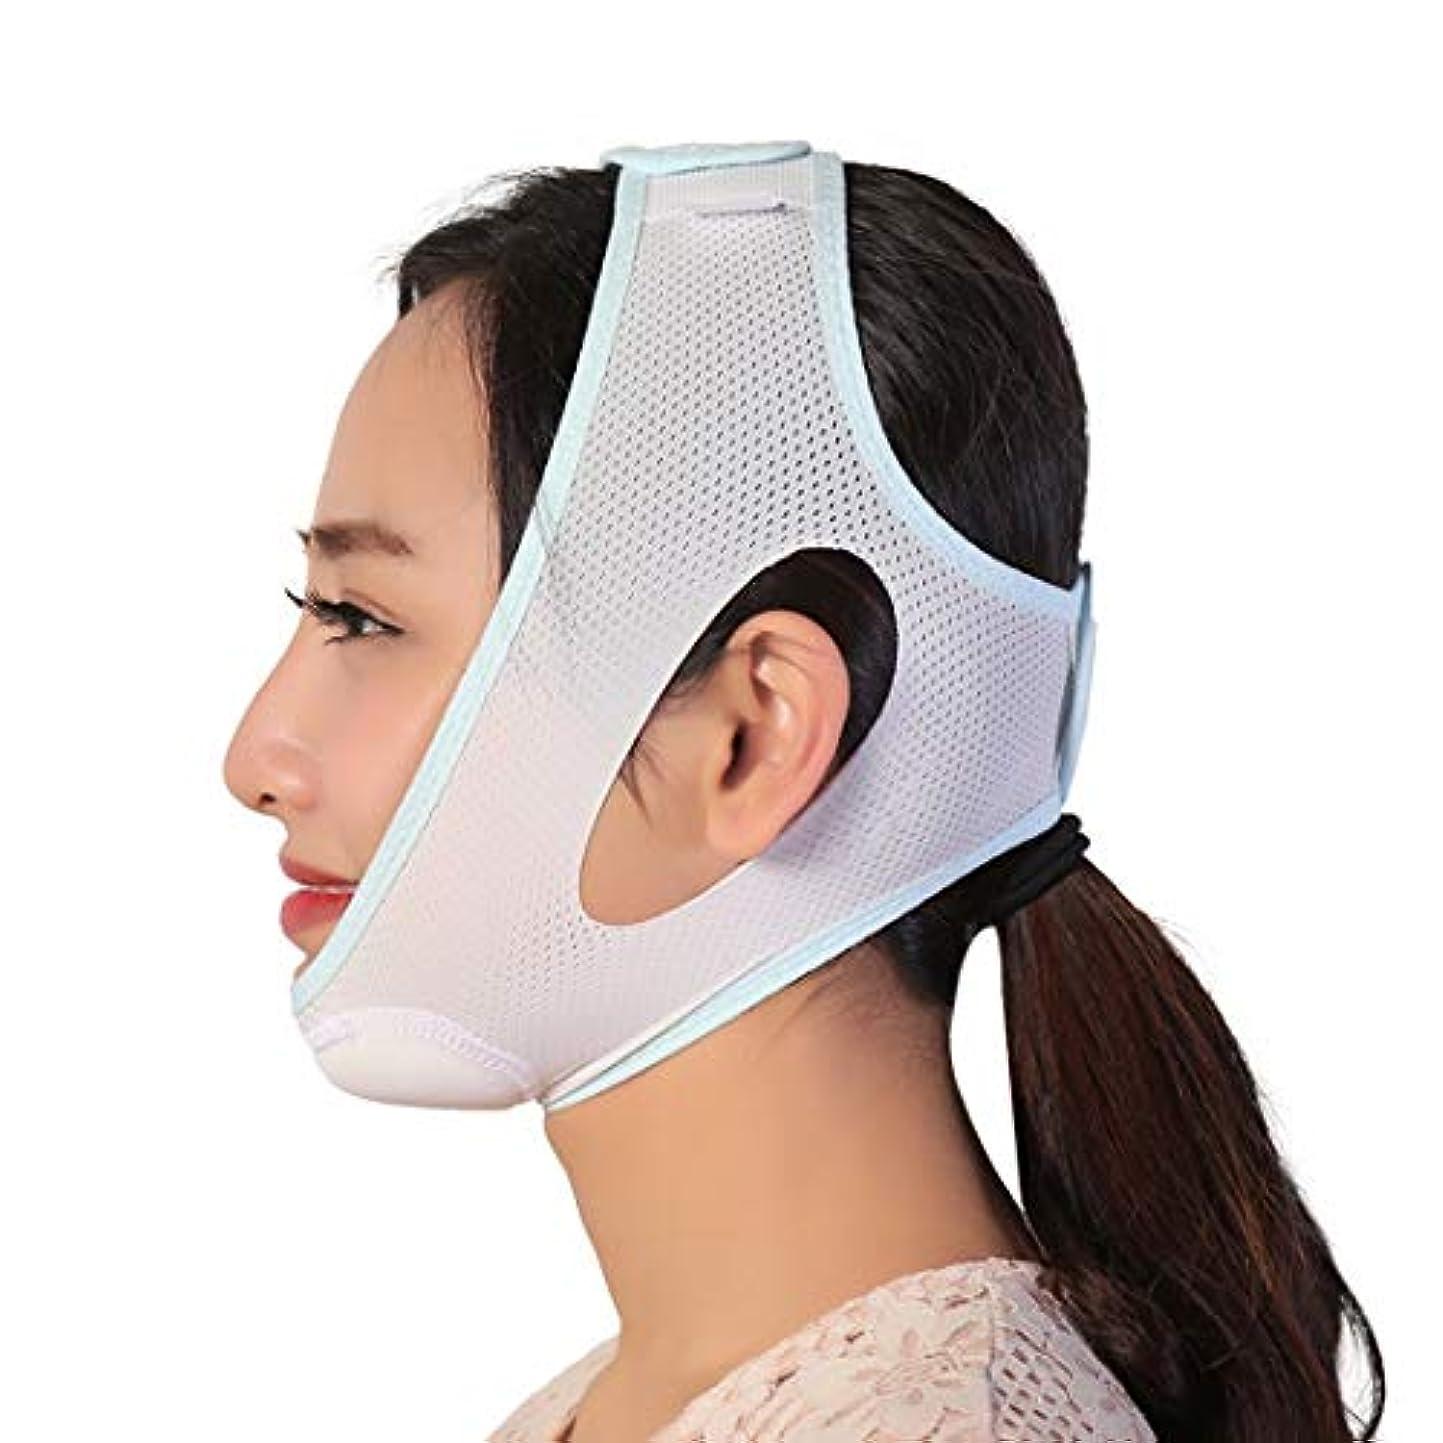 征服者ボリュームクレデンシャルZWBD フェイスマスク, 顔を持ち上げる包帯マスク包帯小v顔整形マスクフェイスリフトステッカーに法線二重あご線術後矯正ベルト (Size : L)